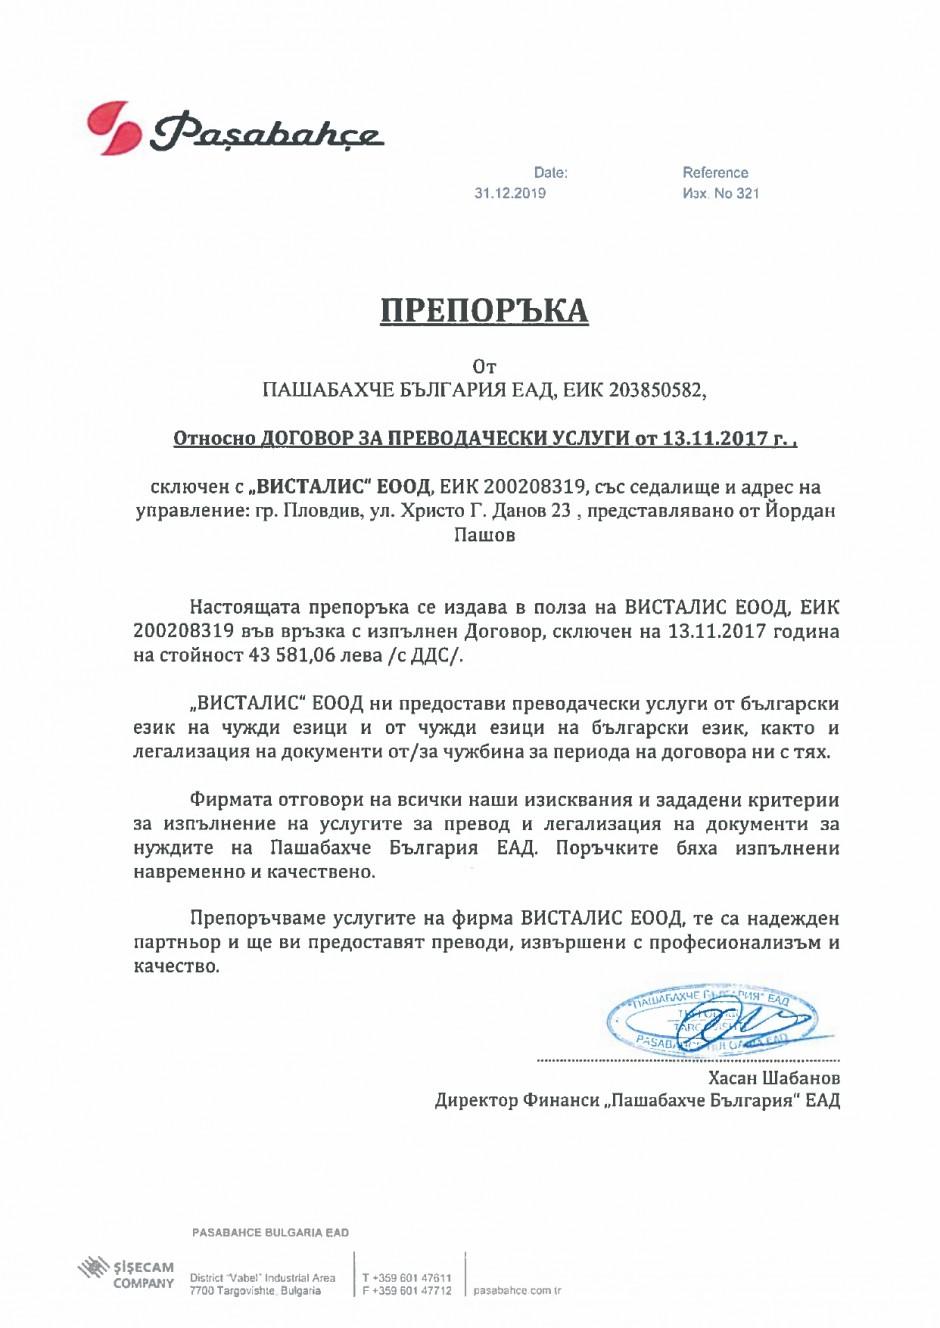 """Препоръка от фирма """"Пашабахче България"""" ЕАД, гр. ТЪРГОВИЩЕ"""